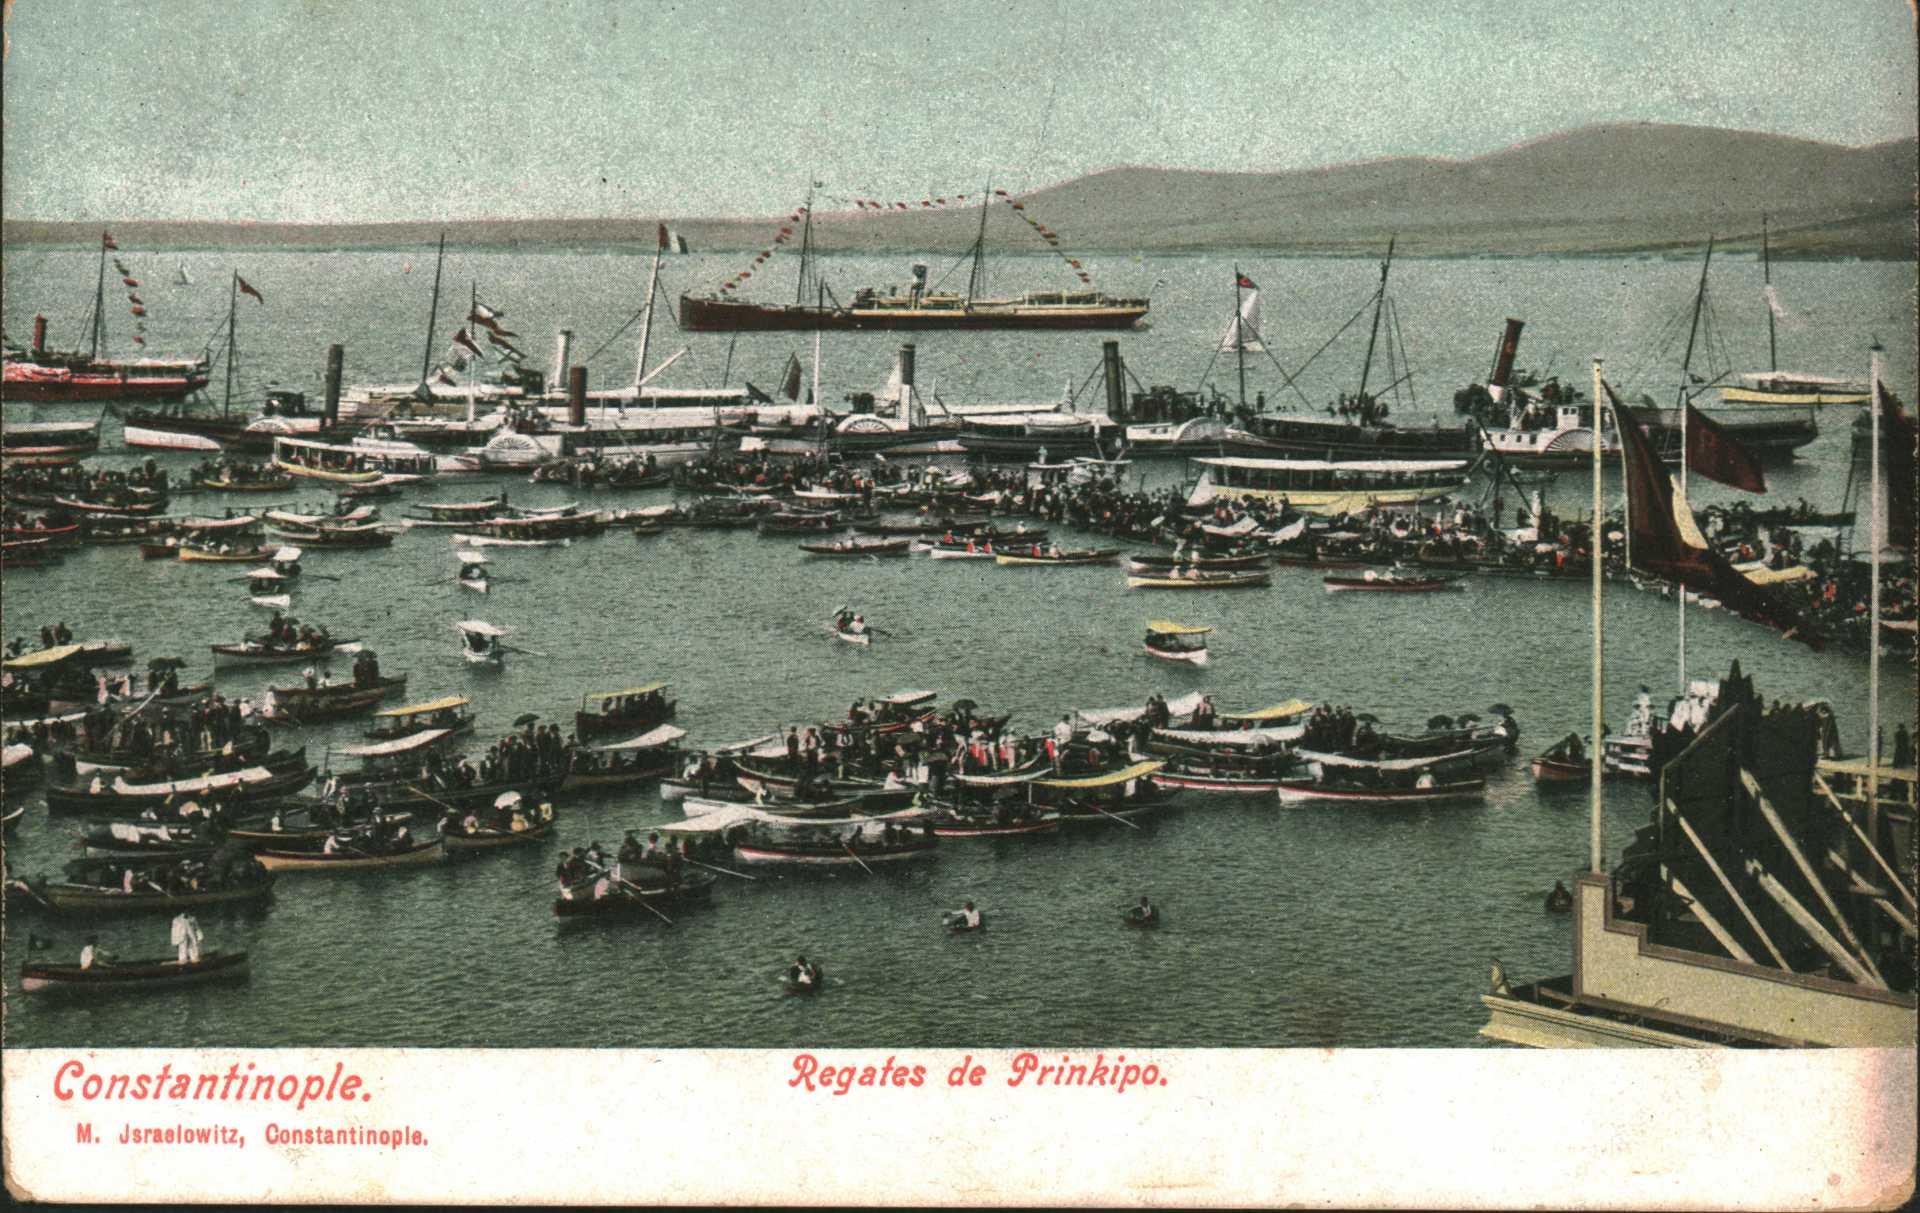 Constantinople. Regates de Prinkipo